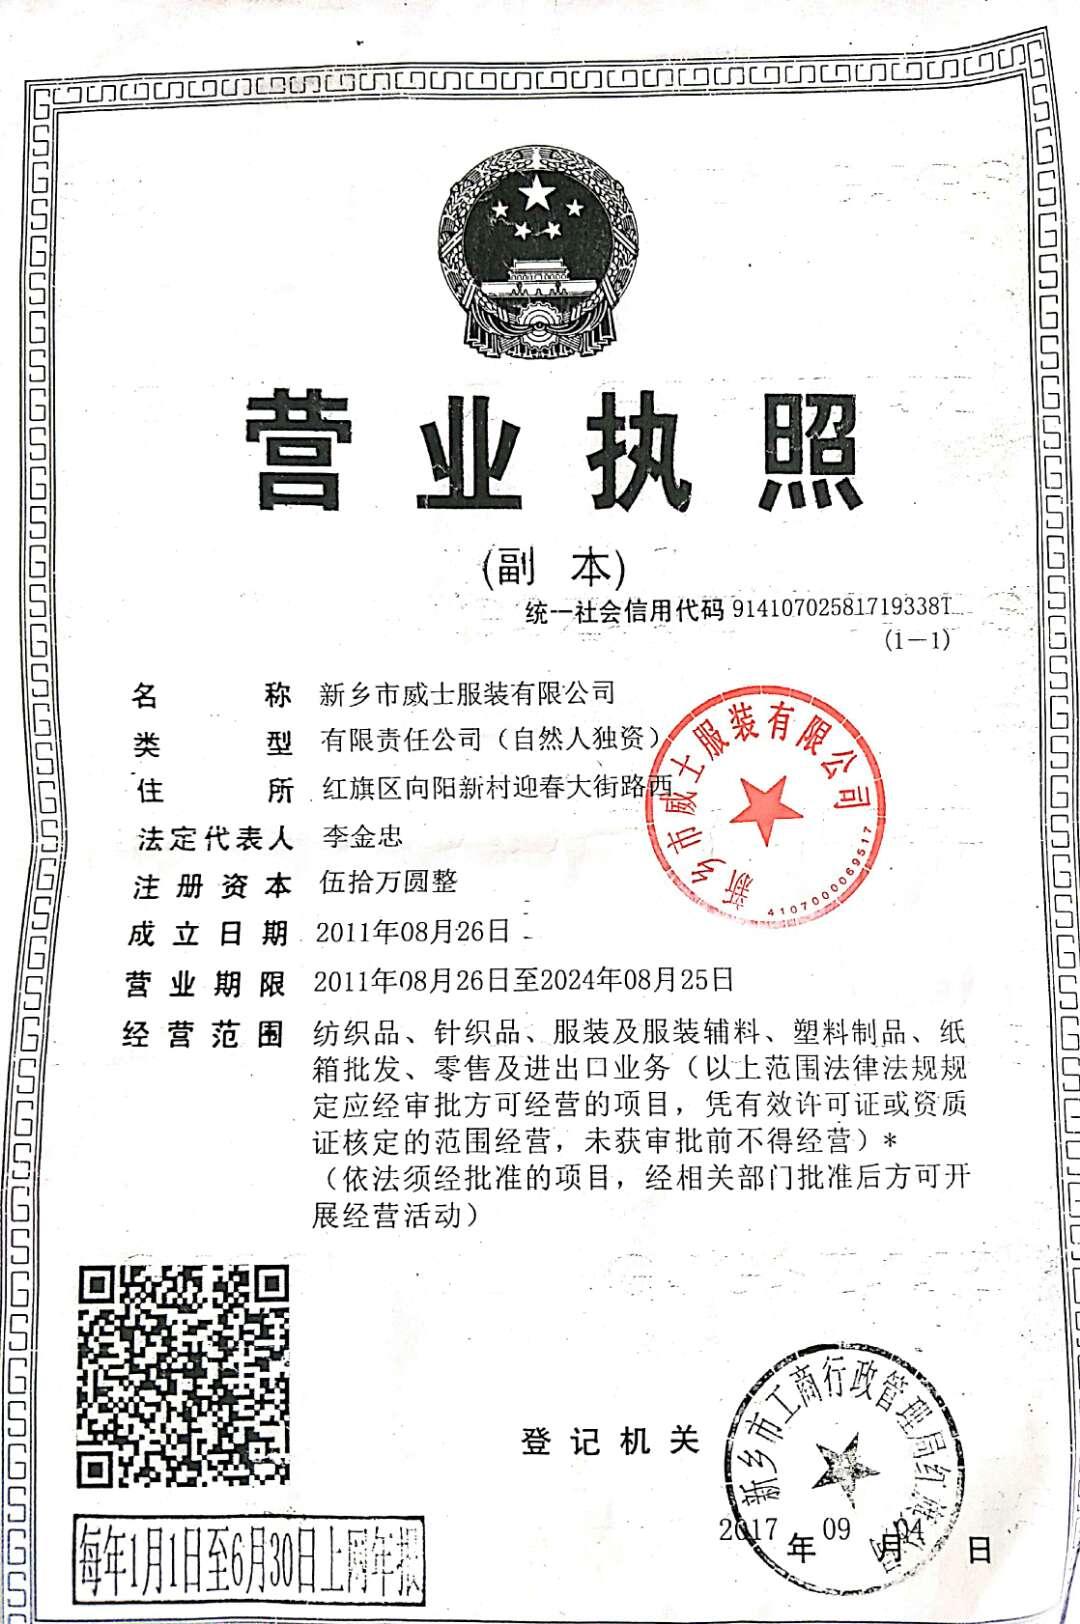 新乡市威士服装有限公司企业档案